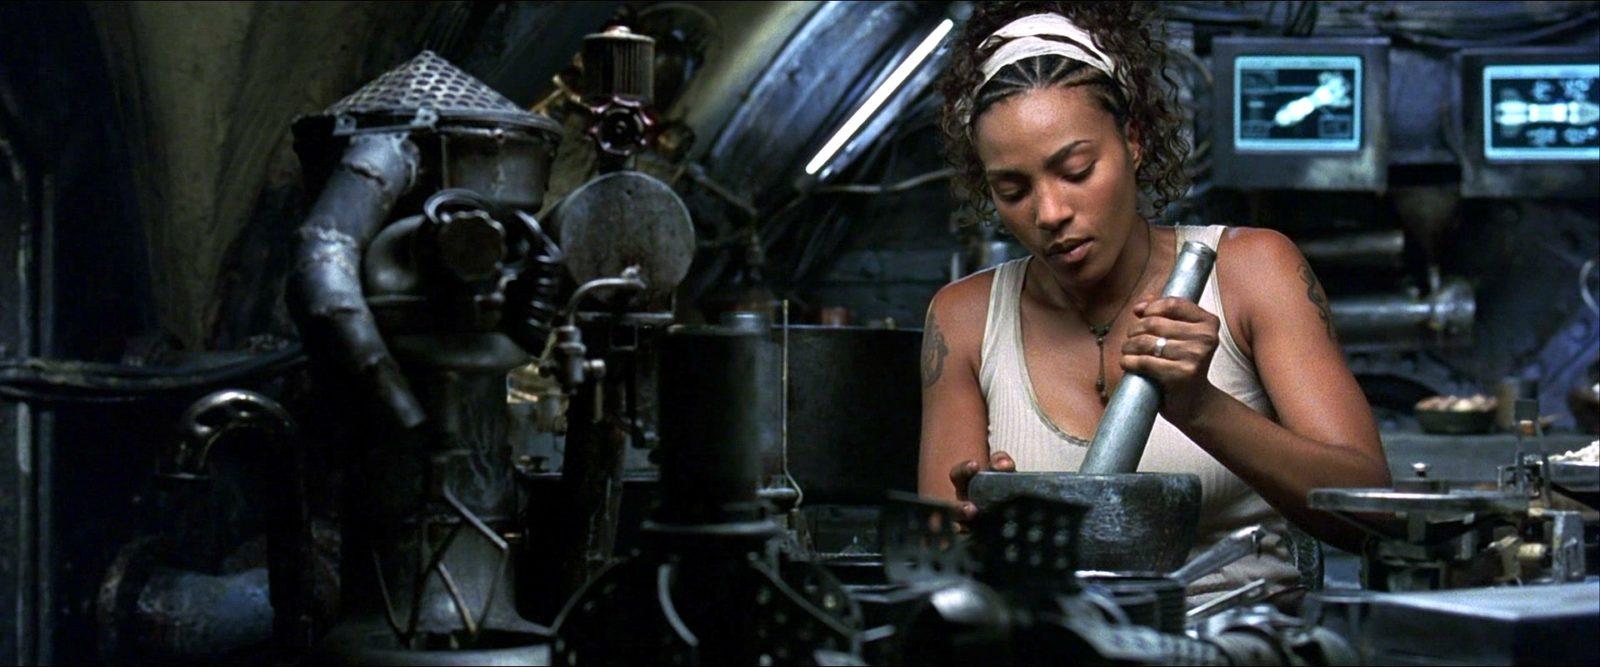 Zdjęcie czarnoskórej kobiety z hutą na splatającą włosy siedzi przy maszynie i konstruuje.